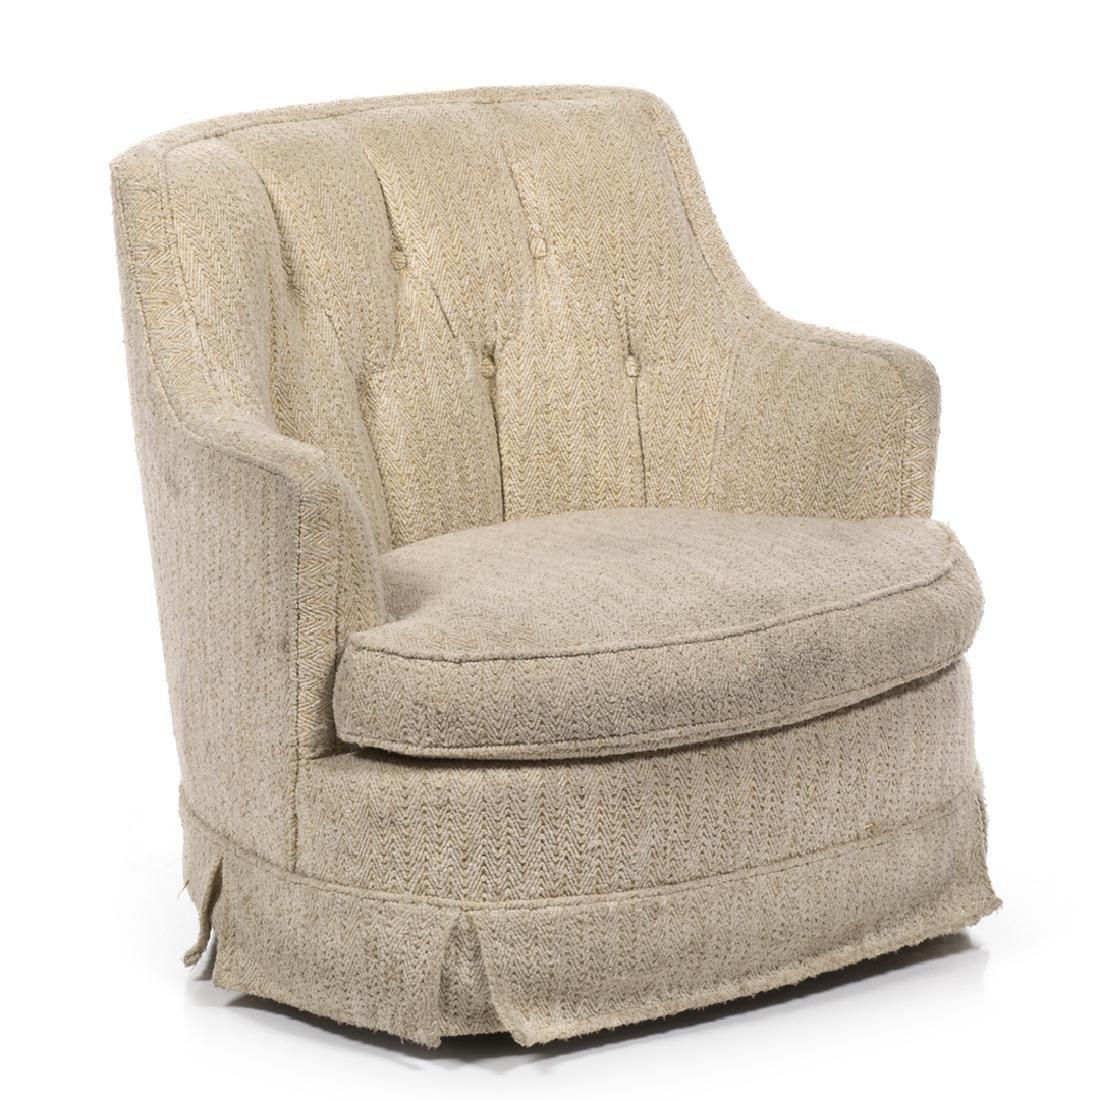 Edward Wormley Club Chair - 2